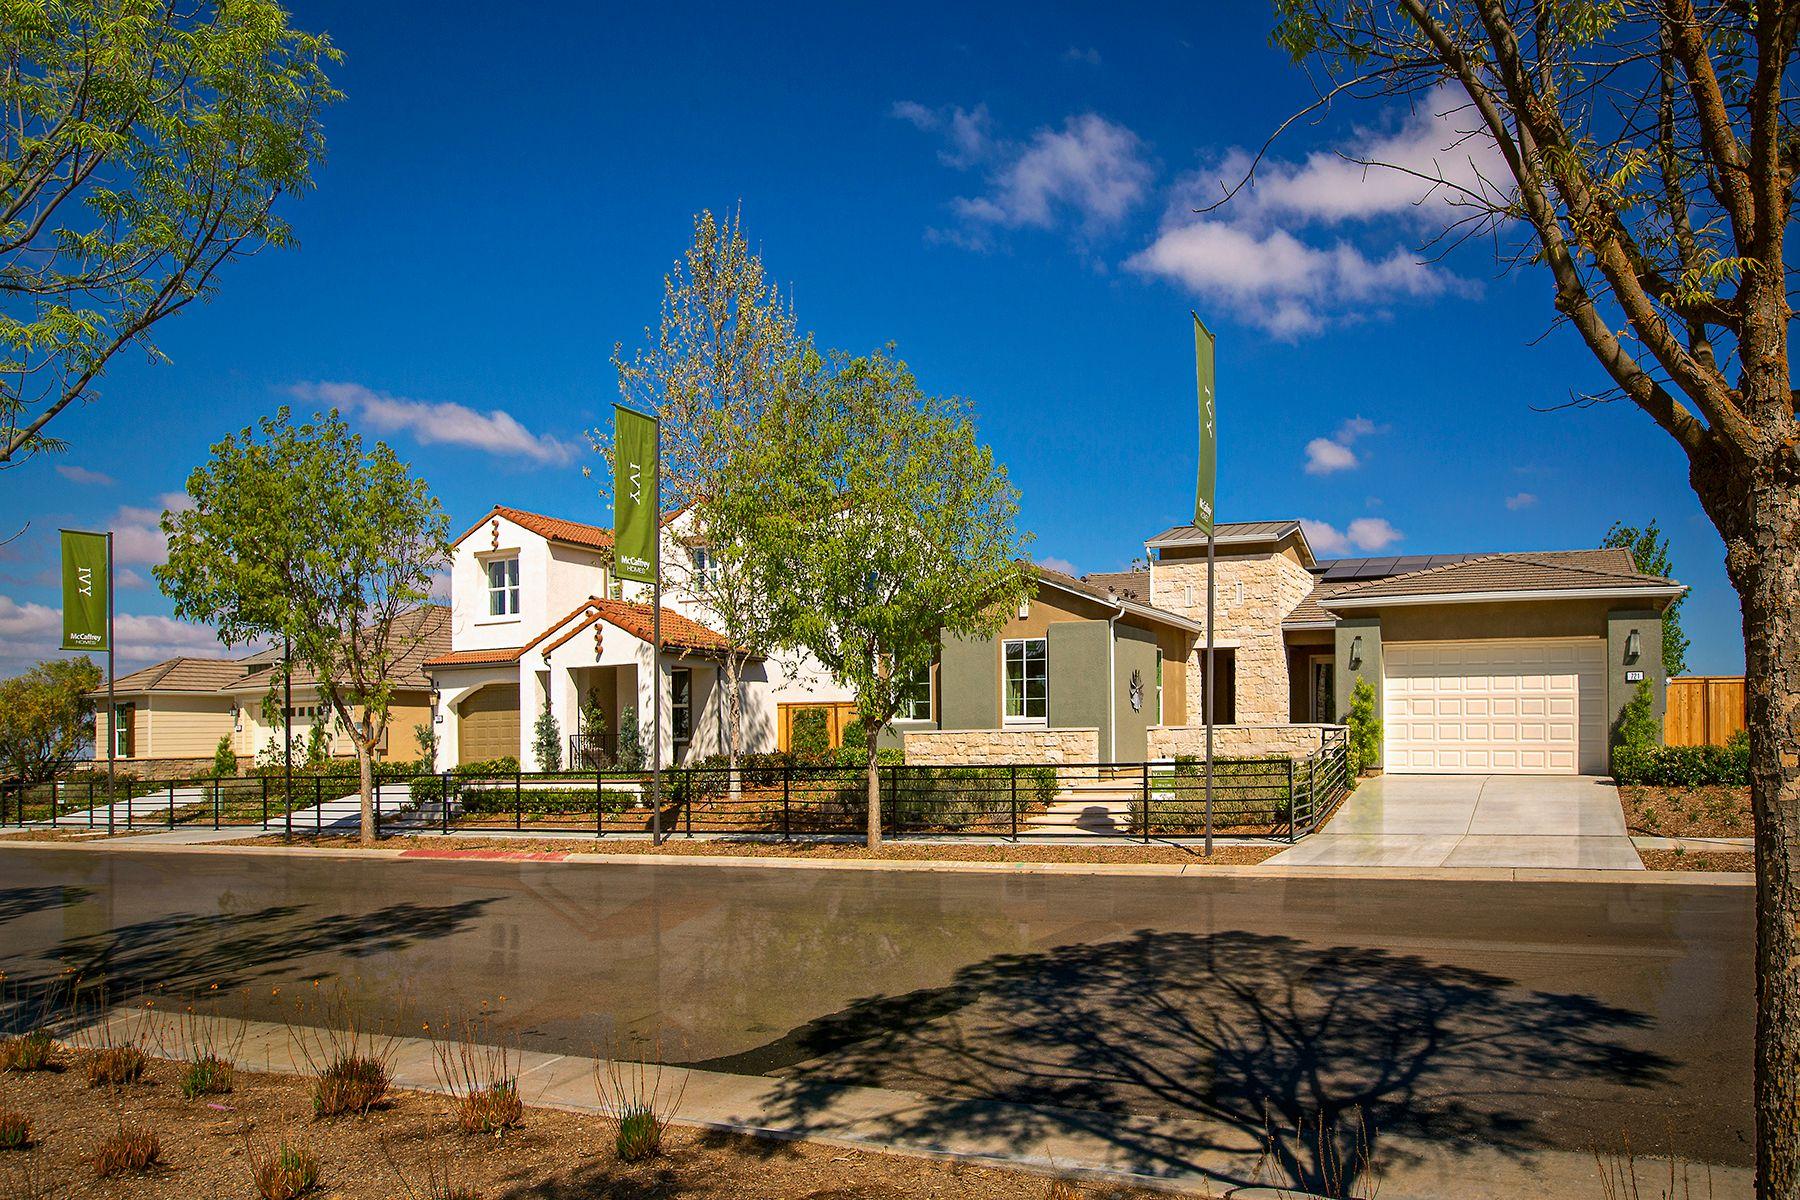 Ivy at Tesoro Viejo Model Homes